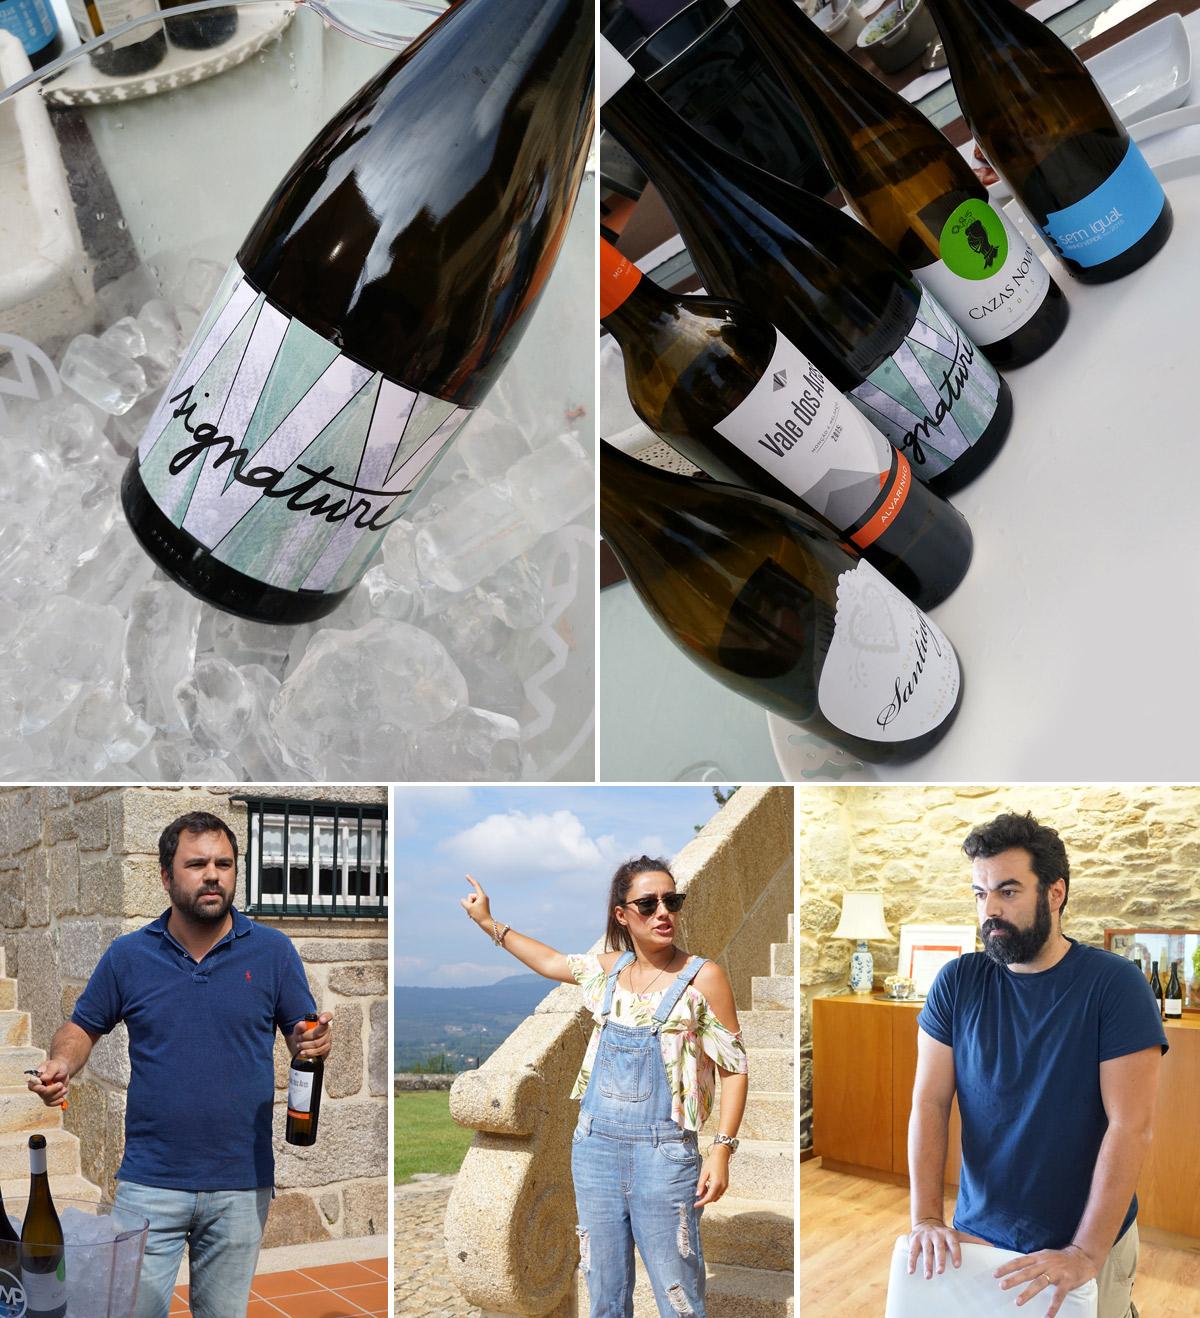 Copyright: C. Raffelt, Die Weine und ihre Macher. Miguel Queimado, Joana Santiago, Vasco Magalhães